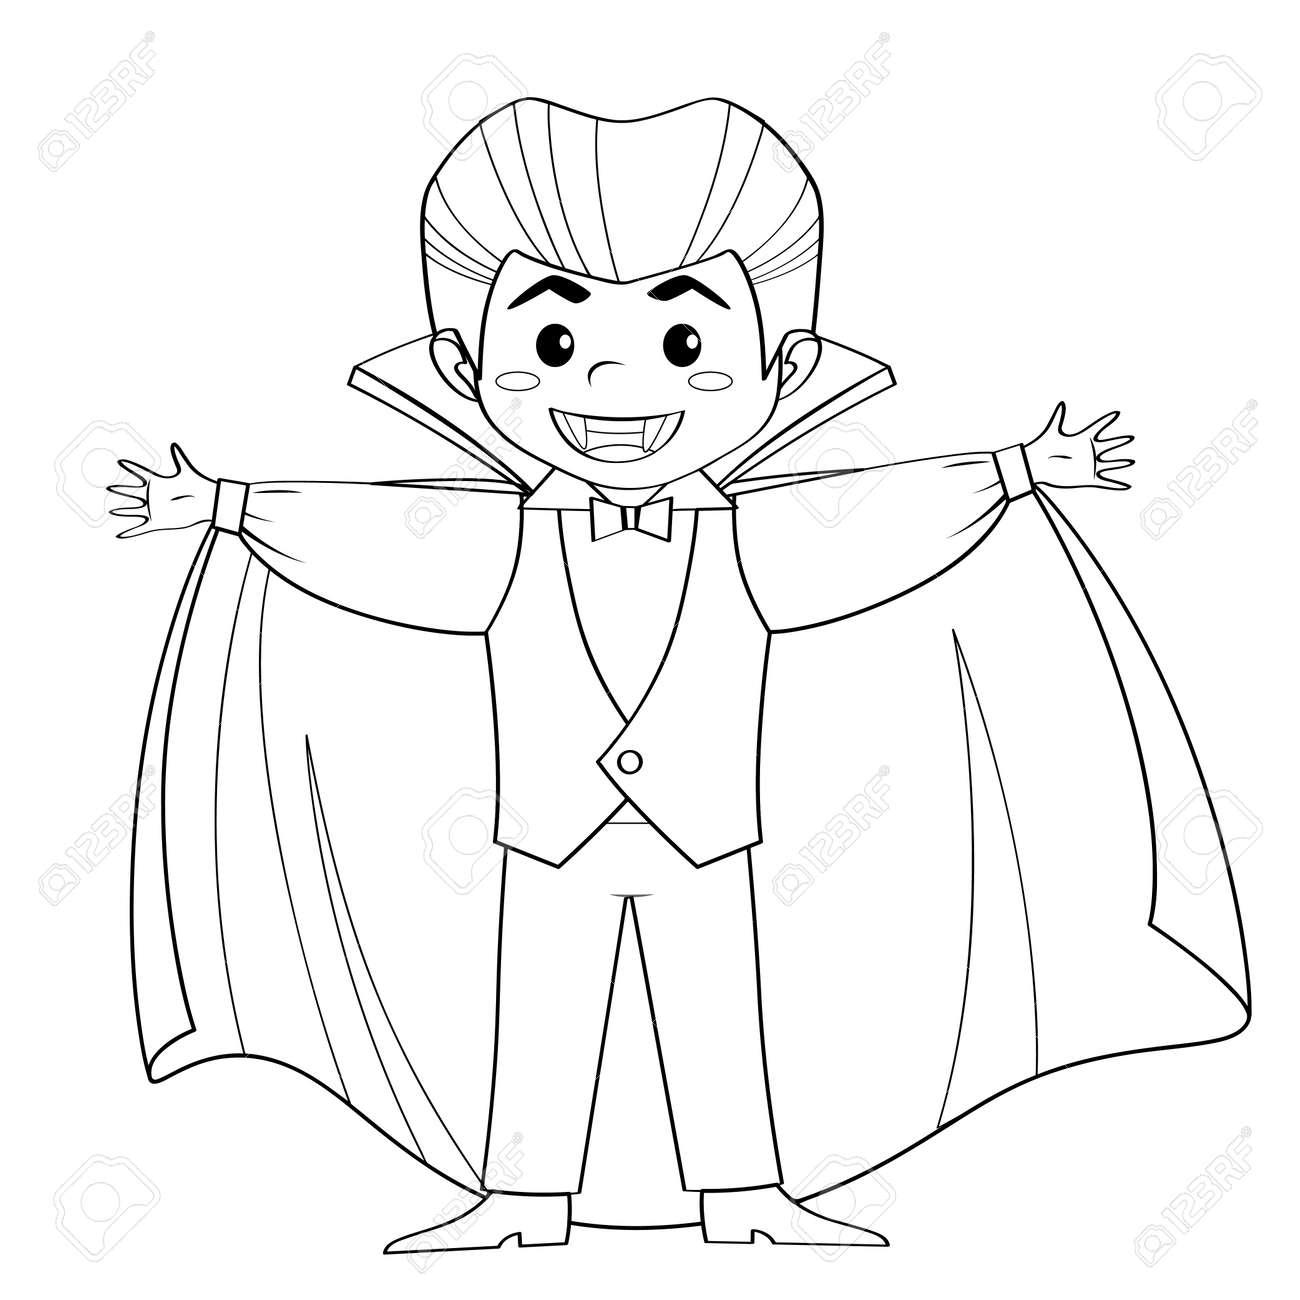 Conde Drácula Vampiro Niño Disfrazado De Halloween Ilustración De